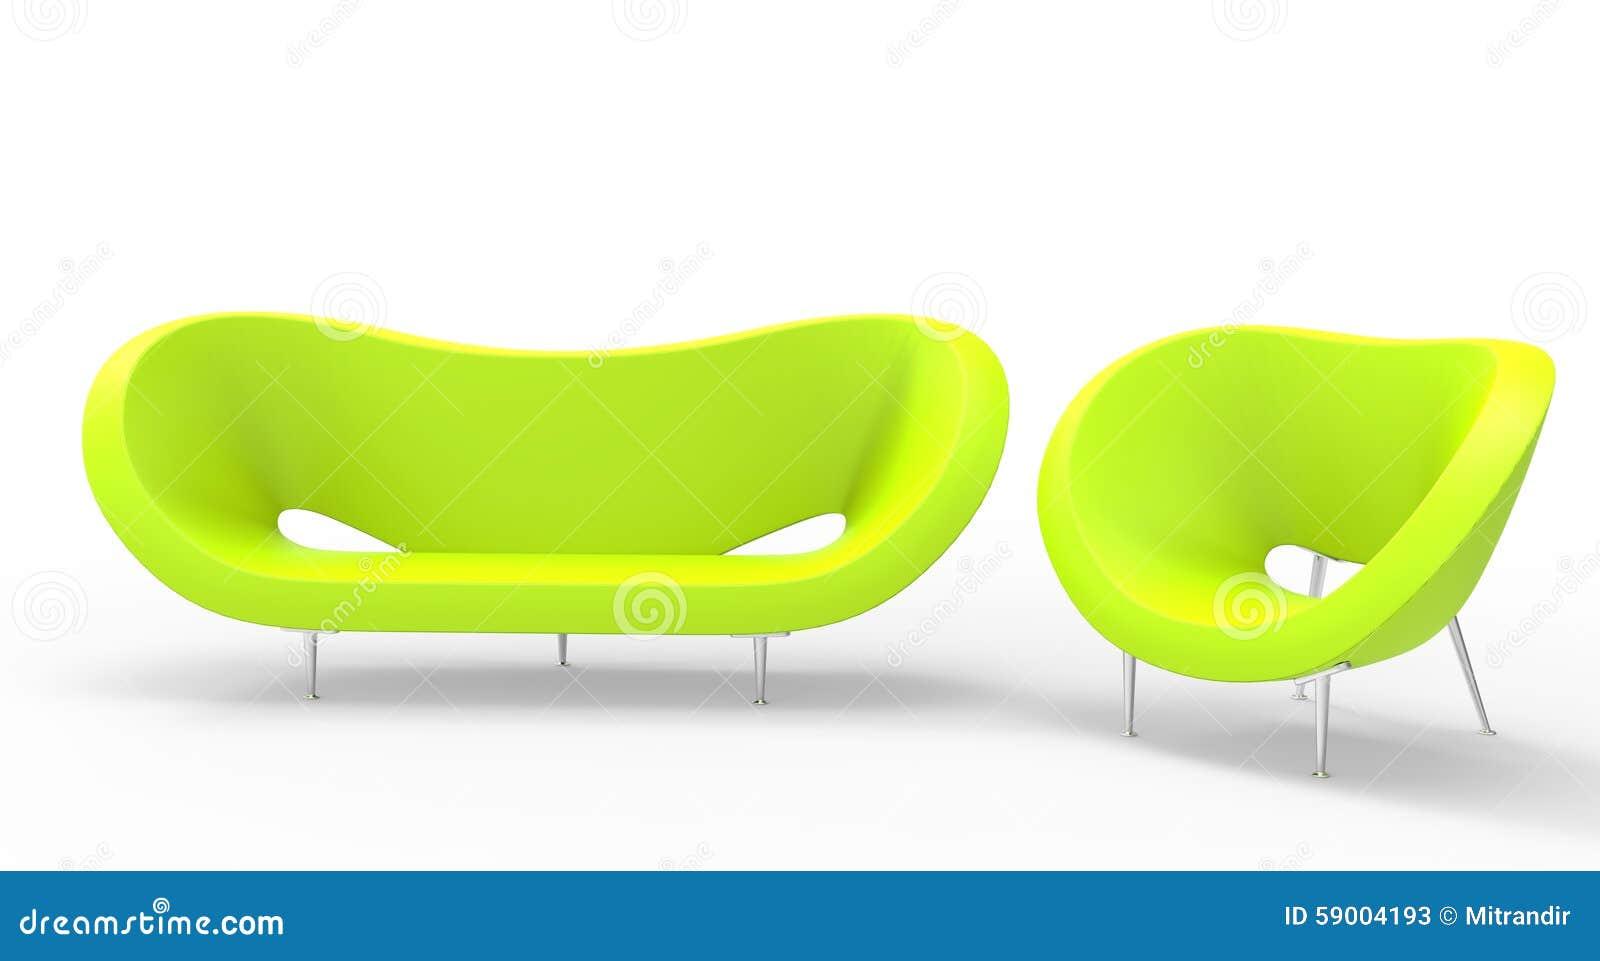 Grüne moderne Möbel stockbild. Bild von getrennt, hintergrund - 59004193